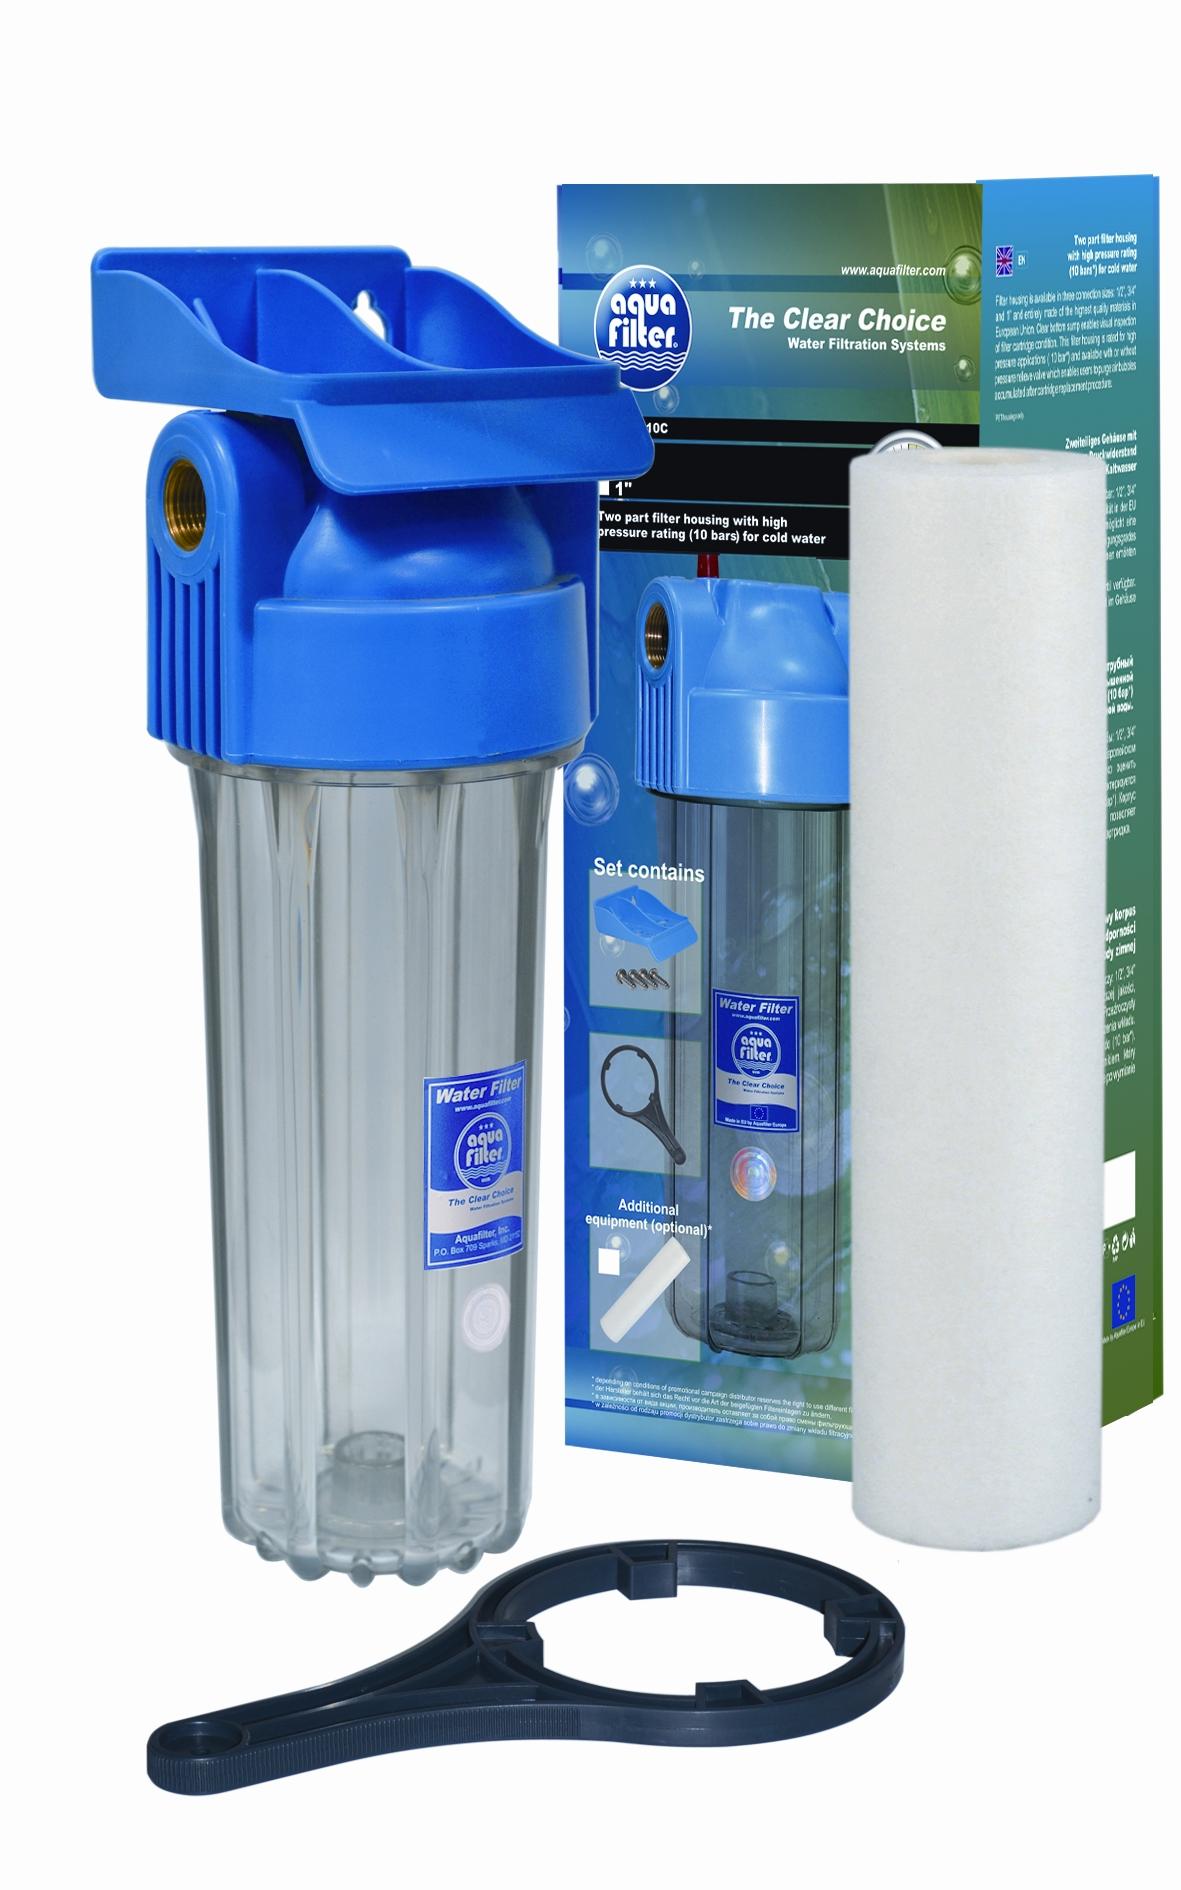 Aquafilter Fhpr12-hp1